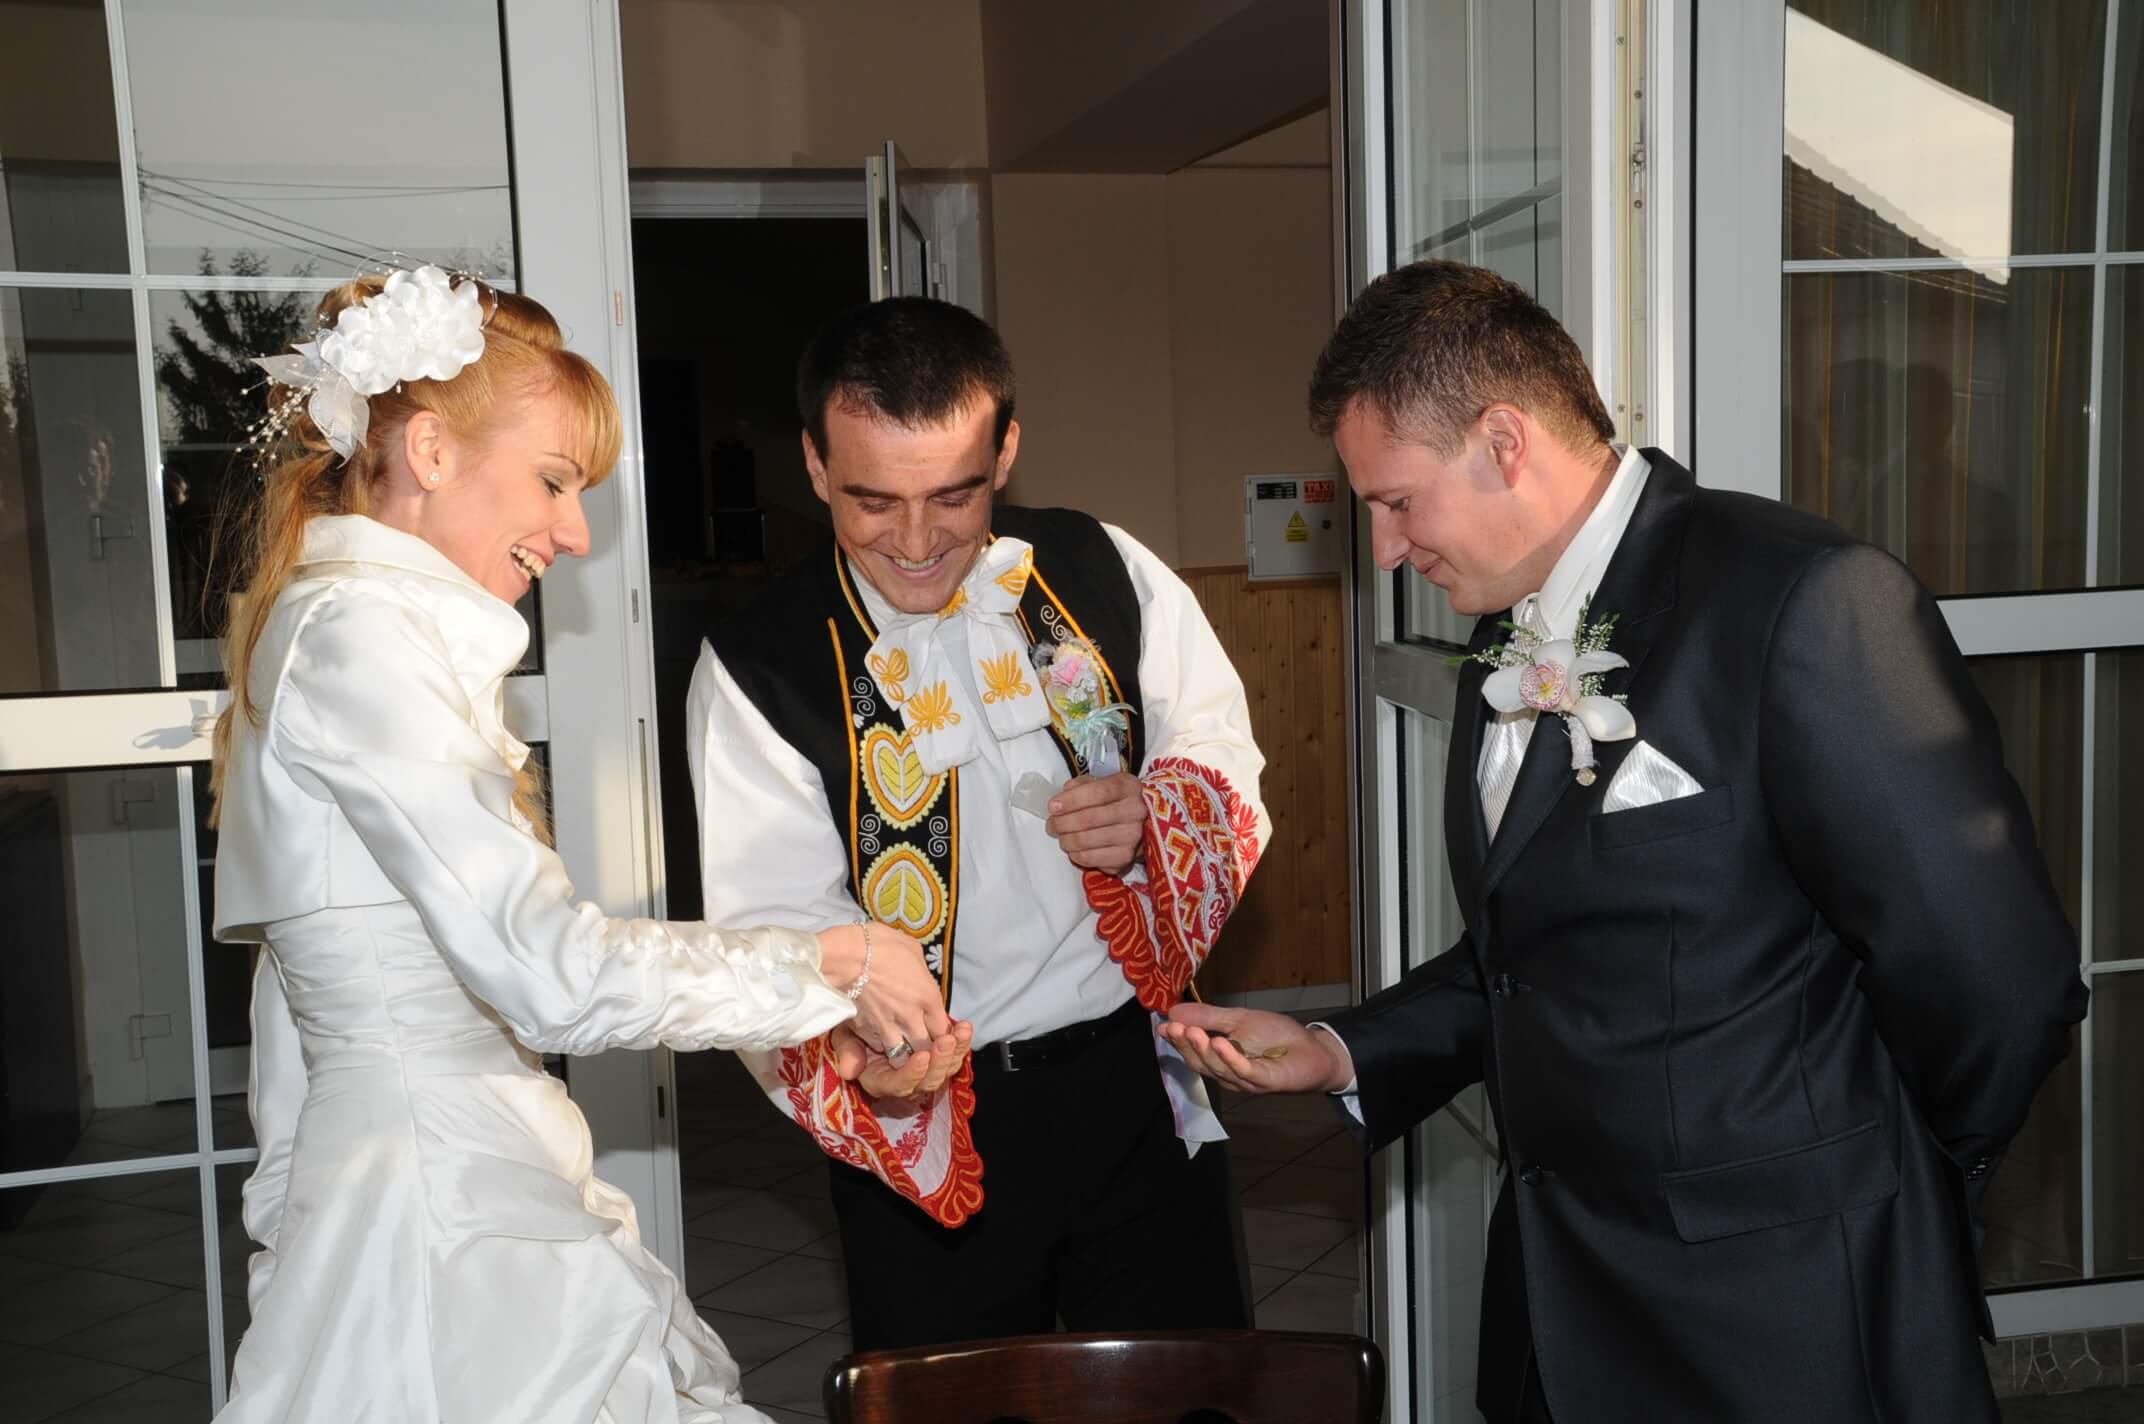 ca56a36c8 Tipy pre svadobný deň - Jaroslav Dúcky - Starejší a DJ na svadbu